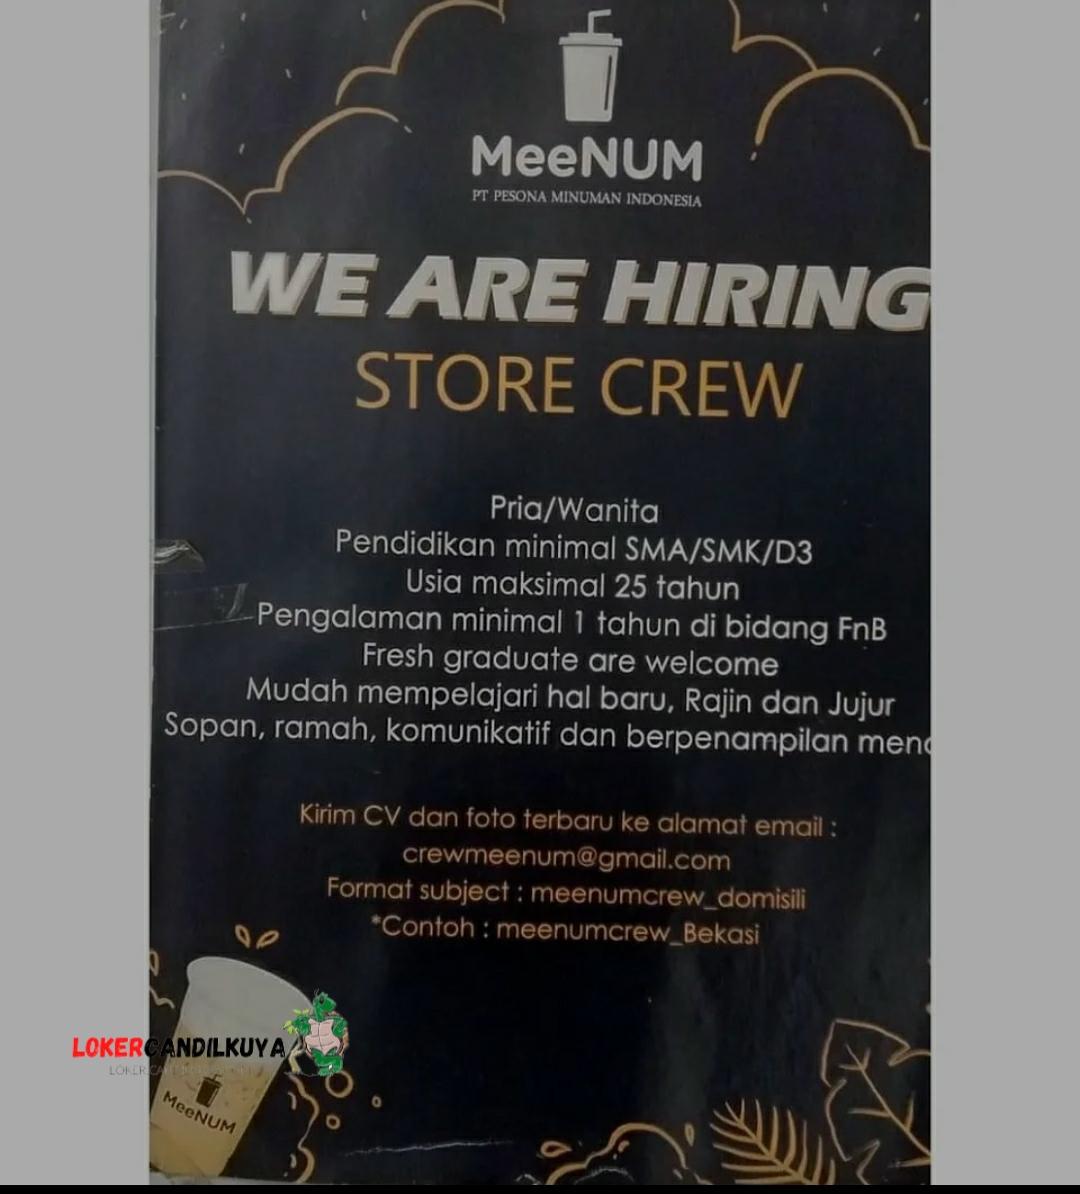 Lowongan Kerja PT Pesona Minuman Indonesia